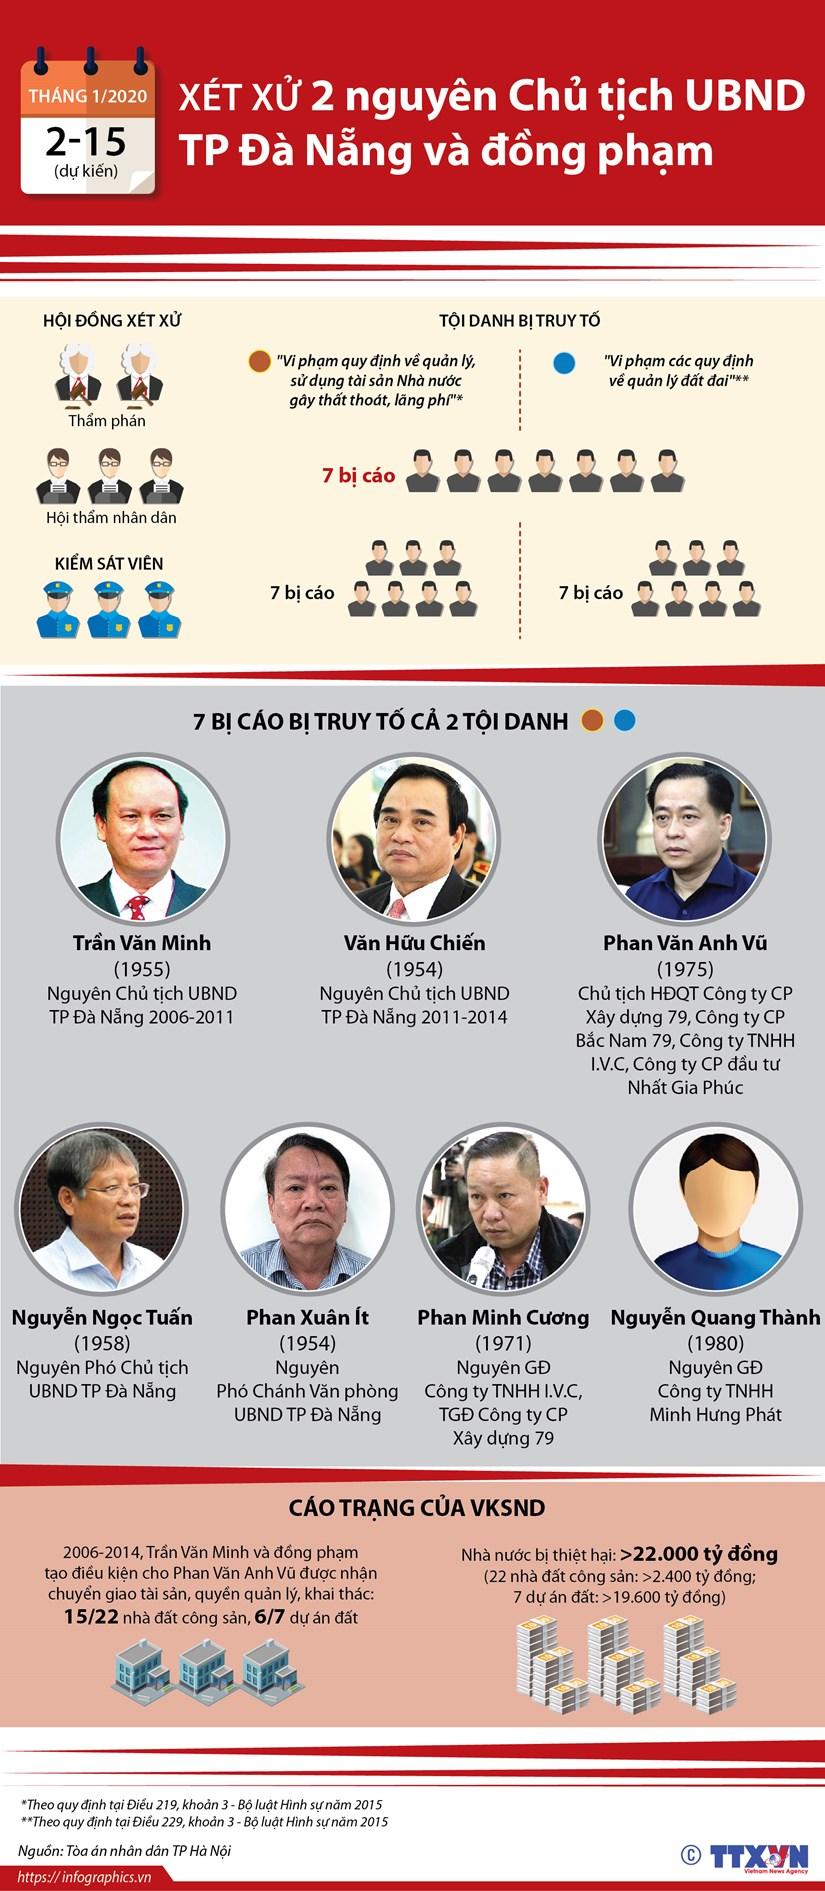 [Infographics] Xet xu 2 nguyen Chu tich UBND TP Da Nang va dong pham hinh anh 1